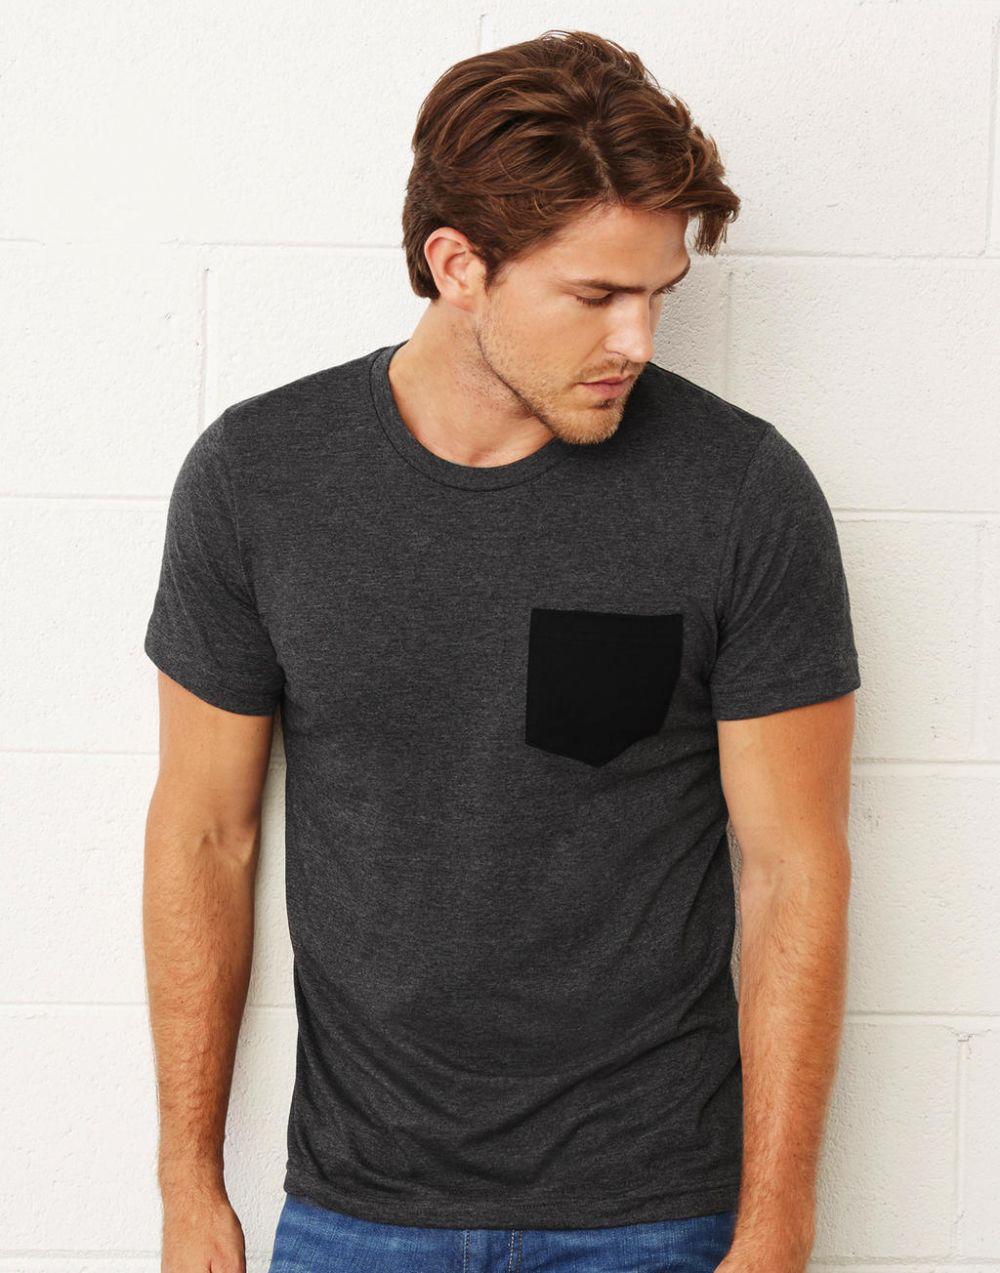 Camisetas manga corta bella con bolsillo hombre para personalizar vista 2